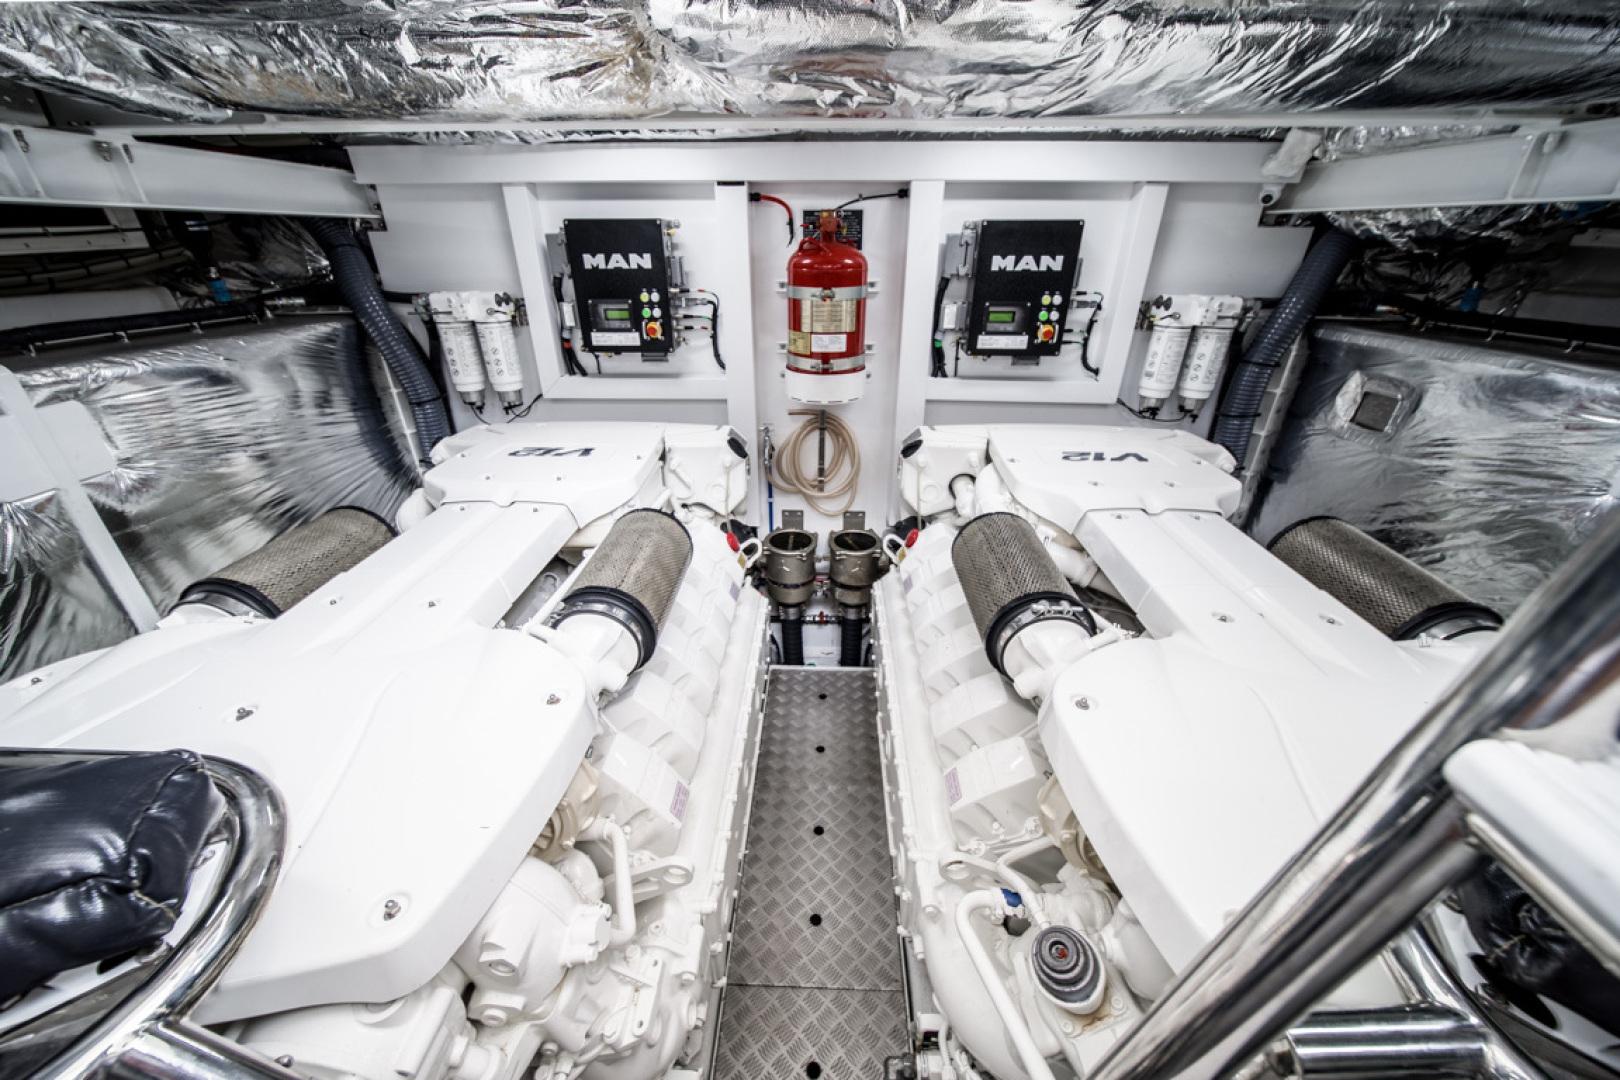 Princess-S65 2019-Paragon Cape Coral-Florida-United States-2019 65 Princess S65-Paragon-Twin MAN V-12 Engines-1510217 | Thumbnail